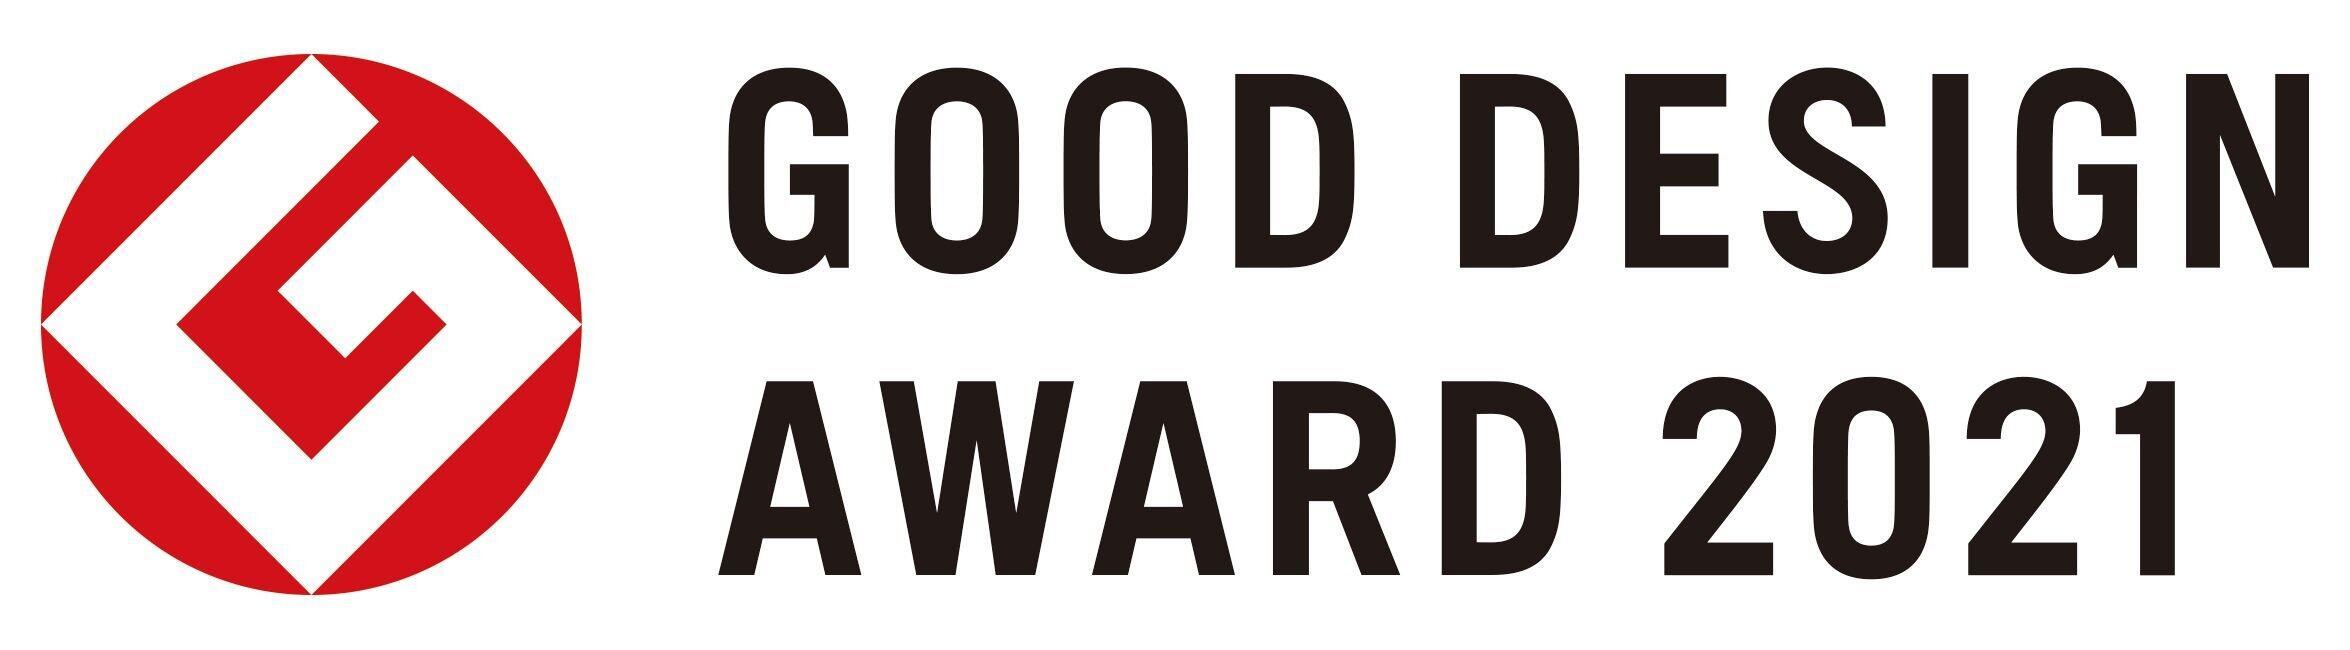 「2021年度グッドデザイン賞」応募受付中